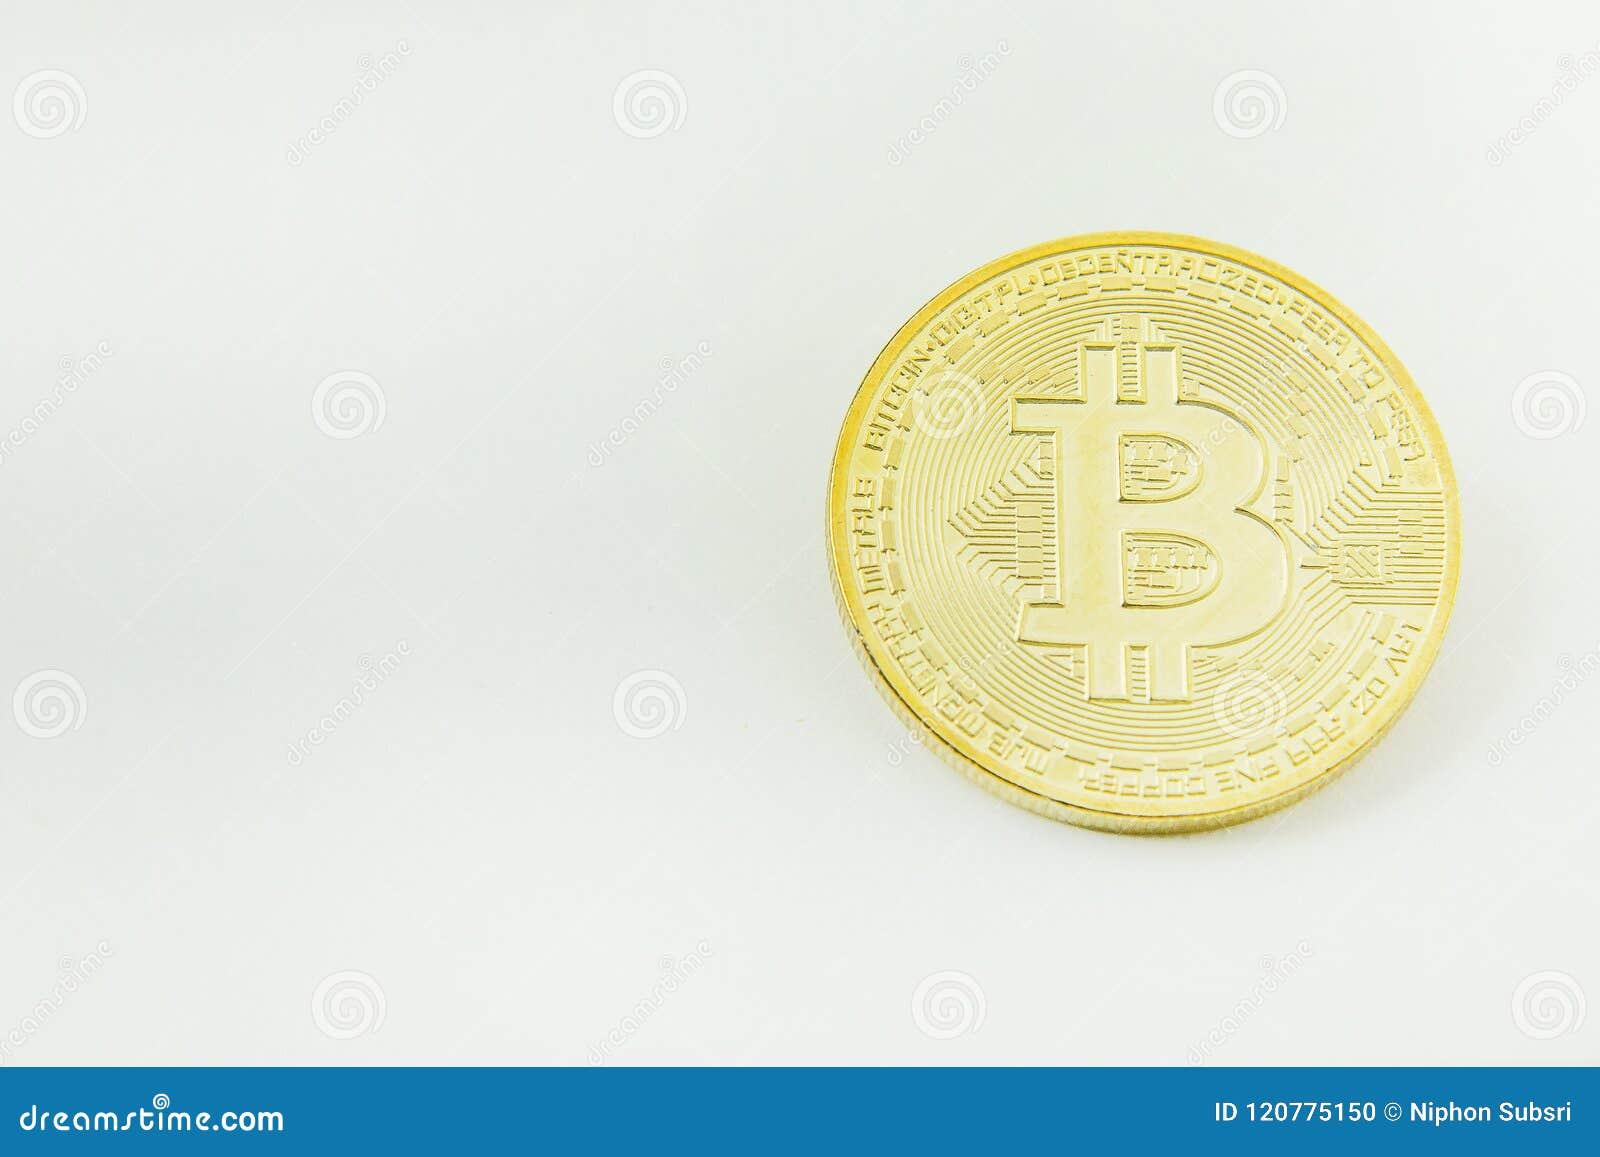 Bitcoin隐藏货币电子货币图象特写镜头